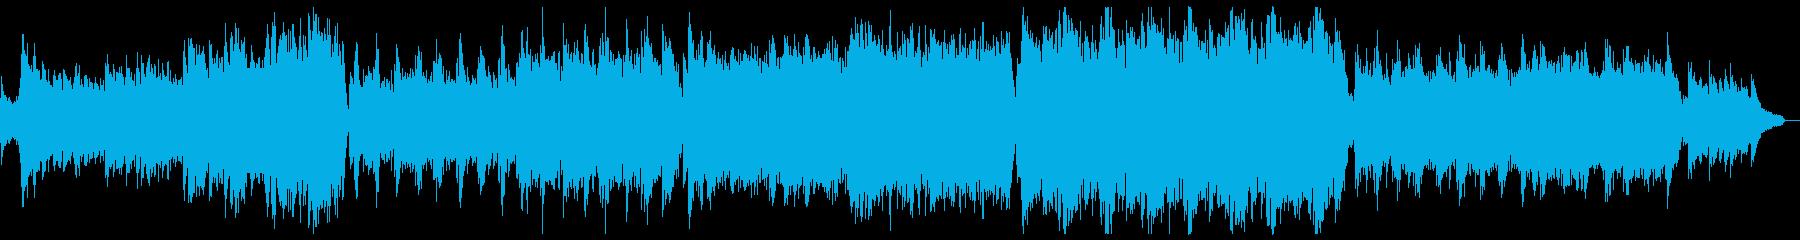 壮大な開幕プレリュード:パーカッション抜の再生済みの波形